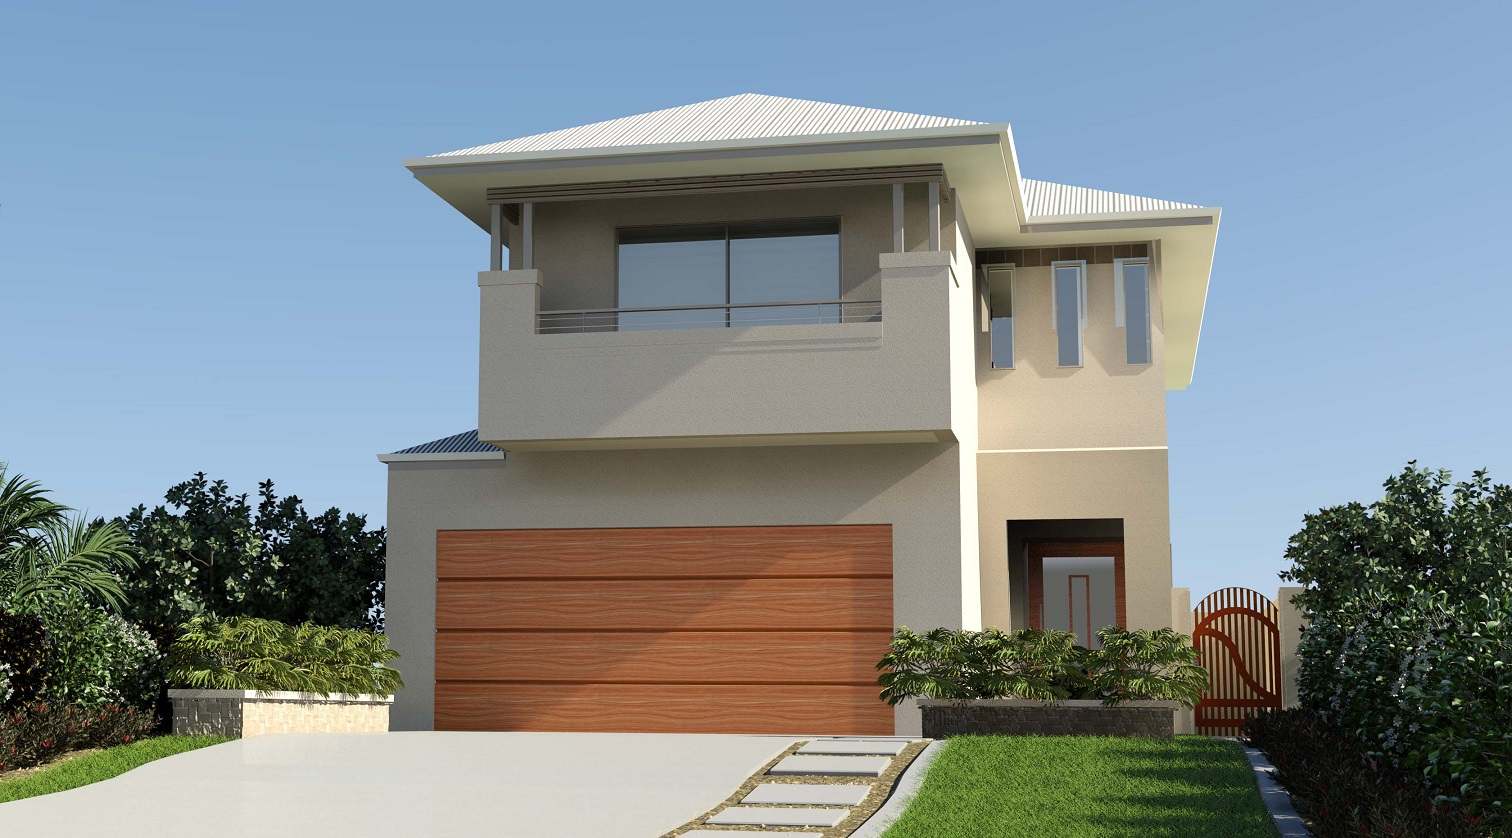 Fotos de fachadas de casas bonitas vote por sus fachadas for Fotos de fachadas